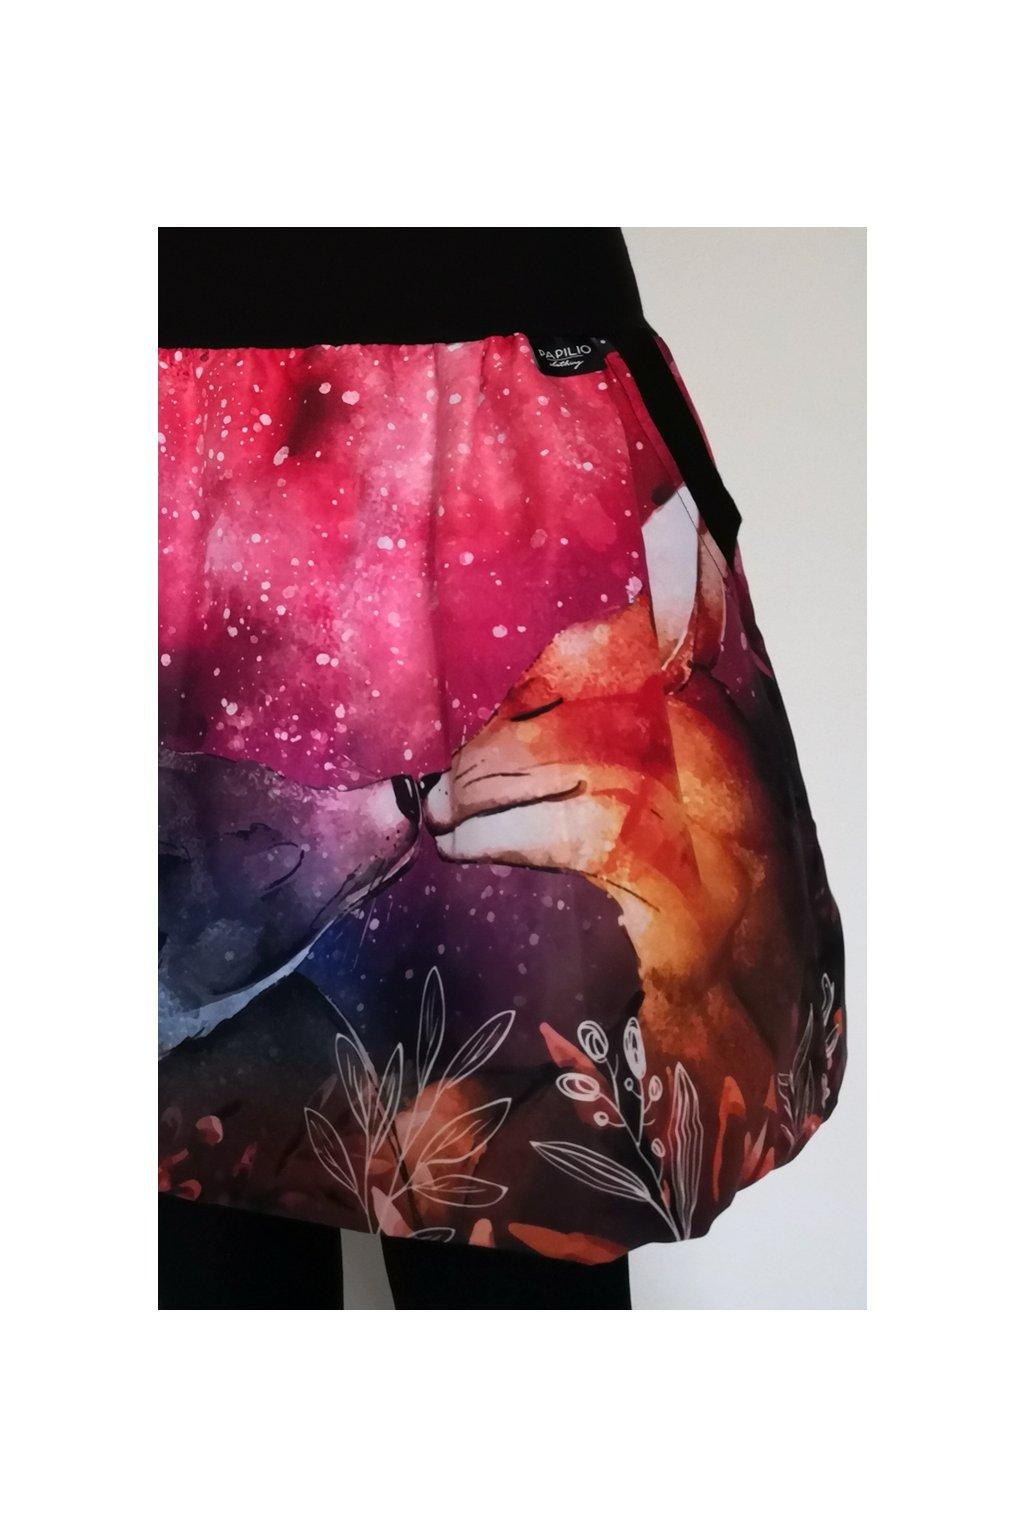 Balonová sukně Liščí polibek, podzimní | micropeach